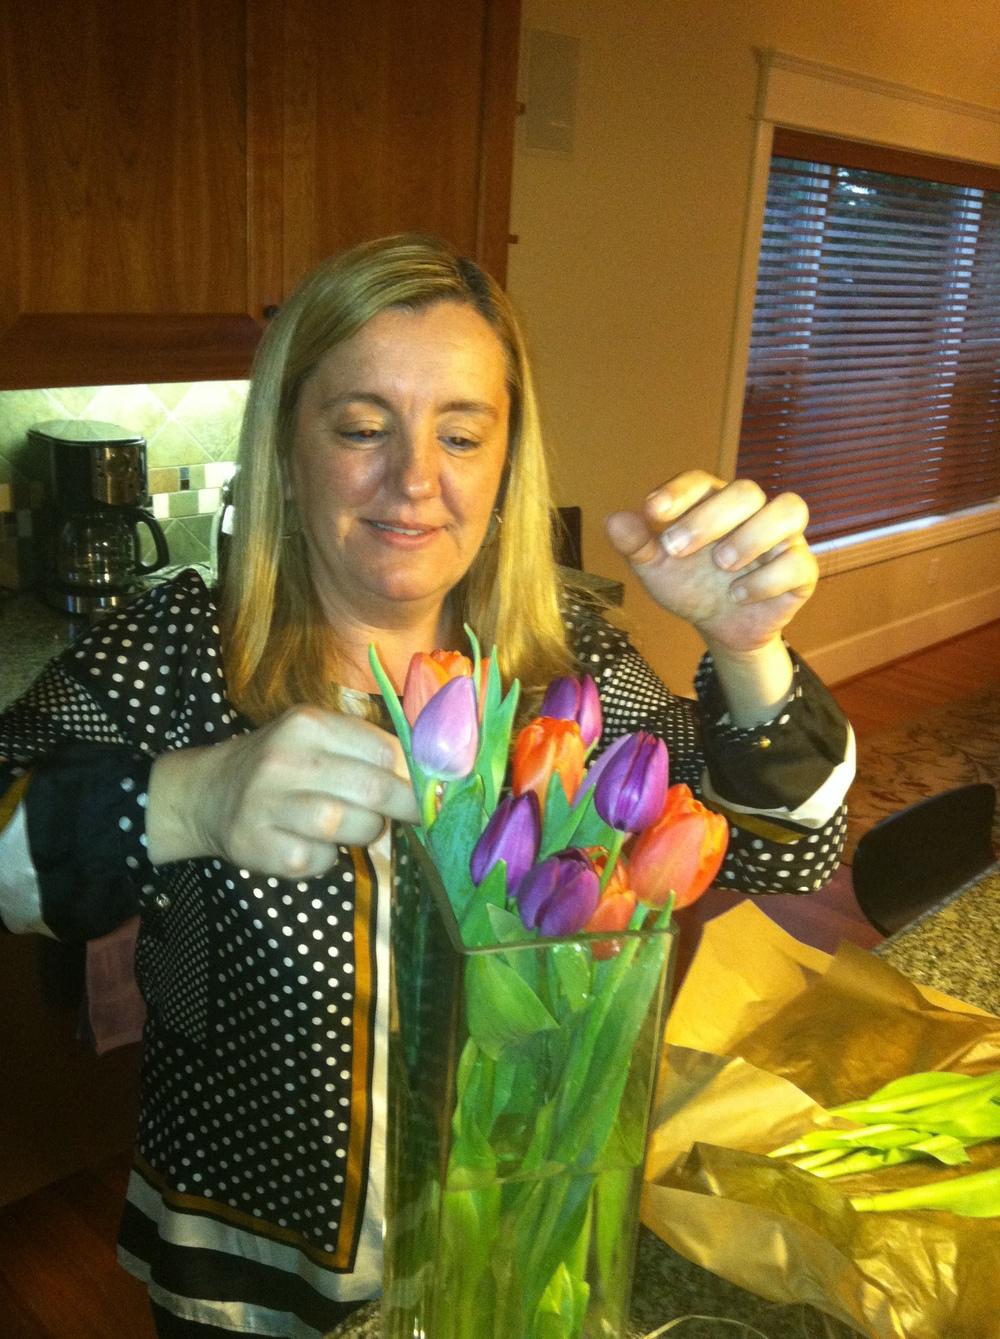 Ana arreglando las tulipas que siempre adornaban su salon.